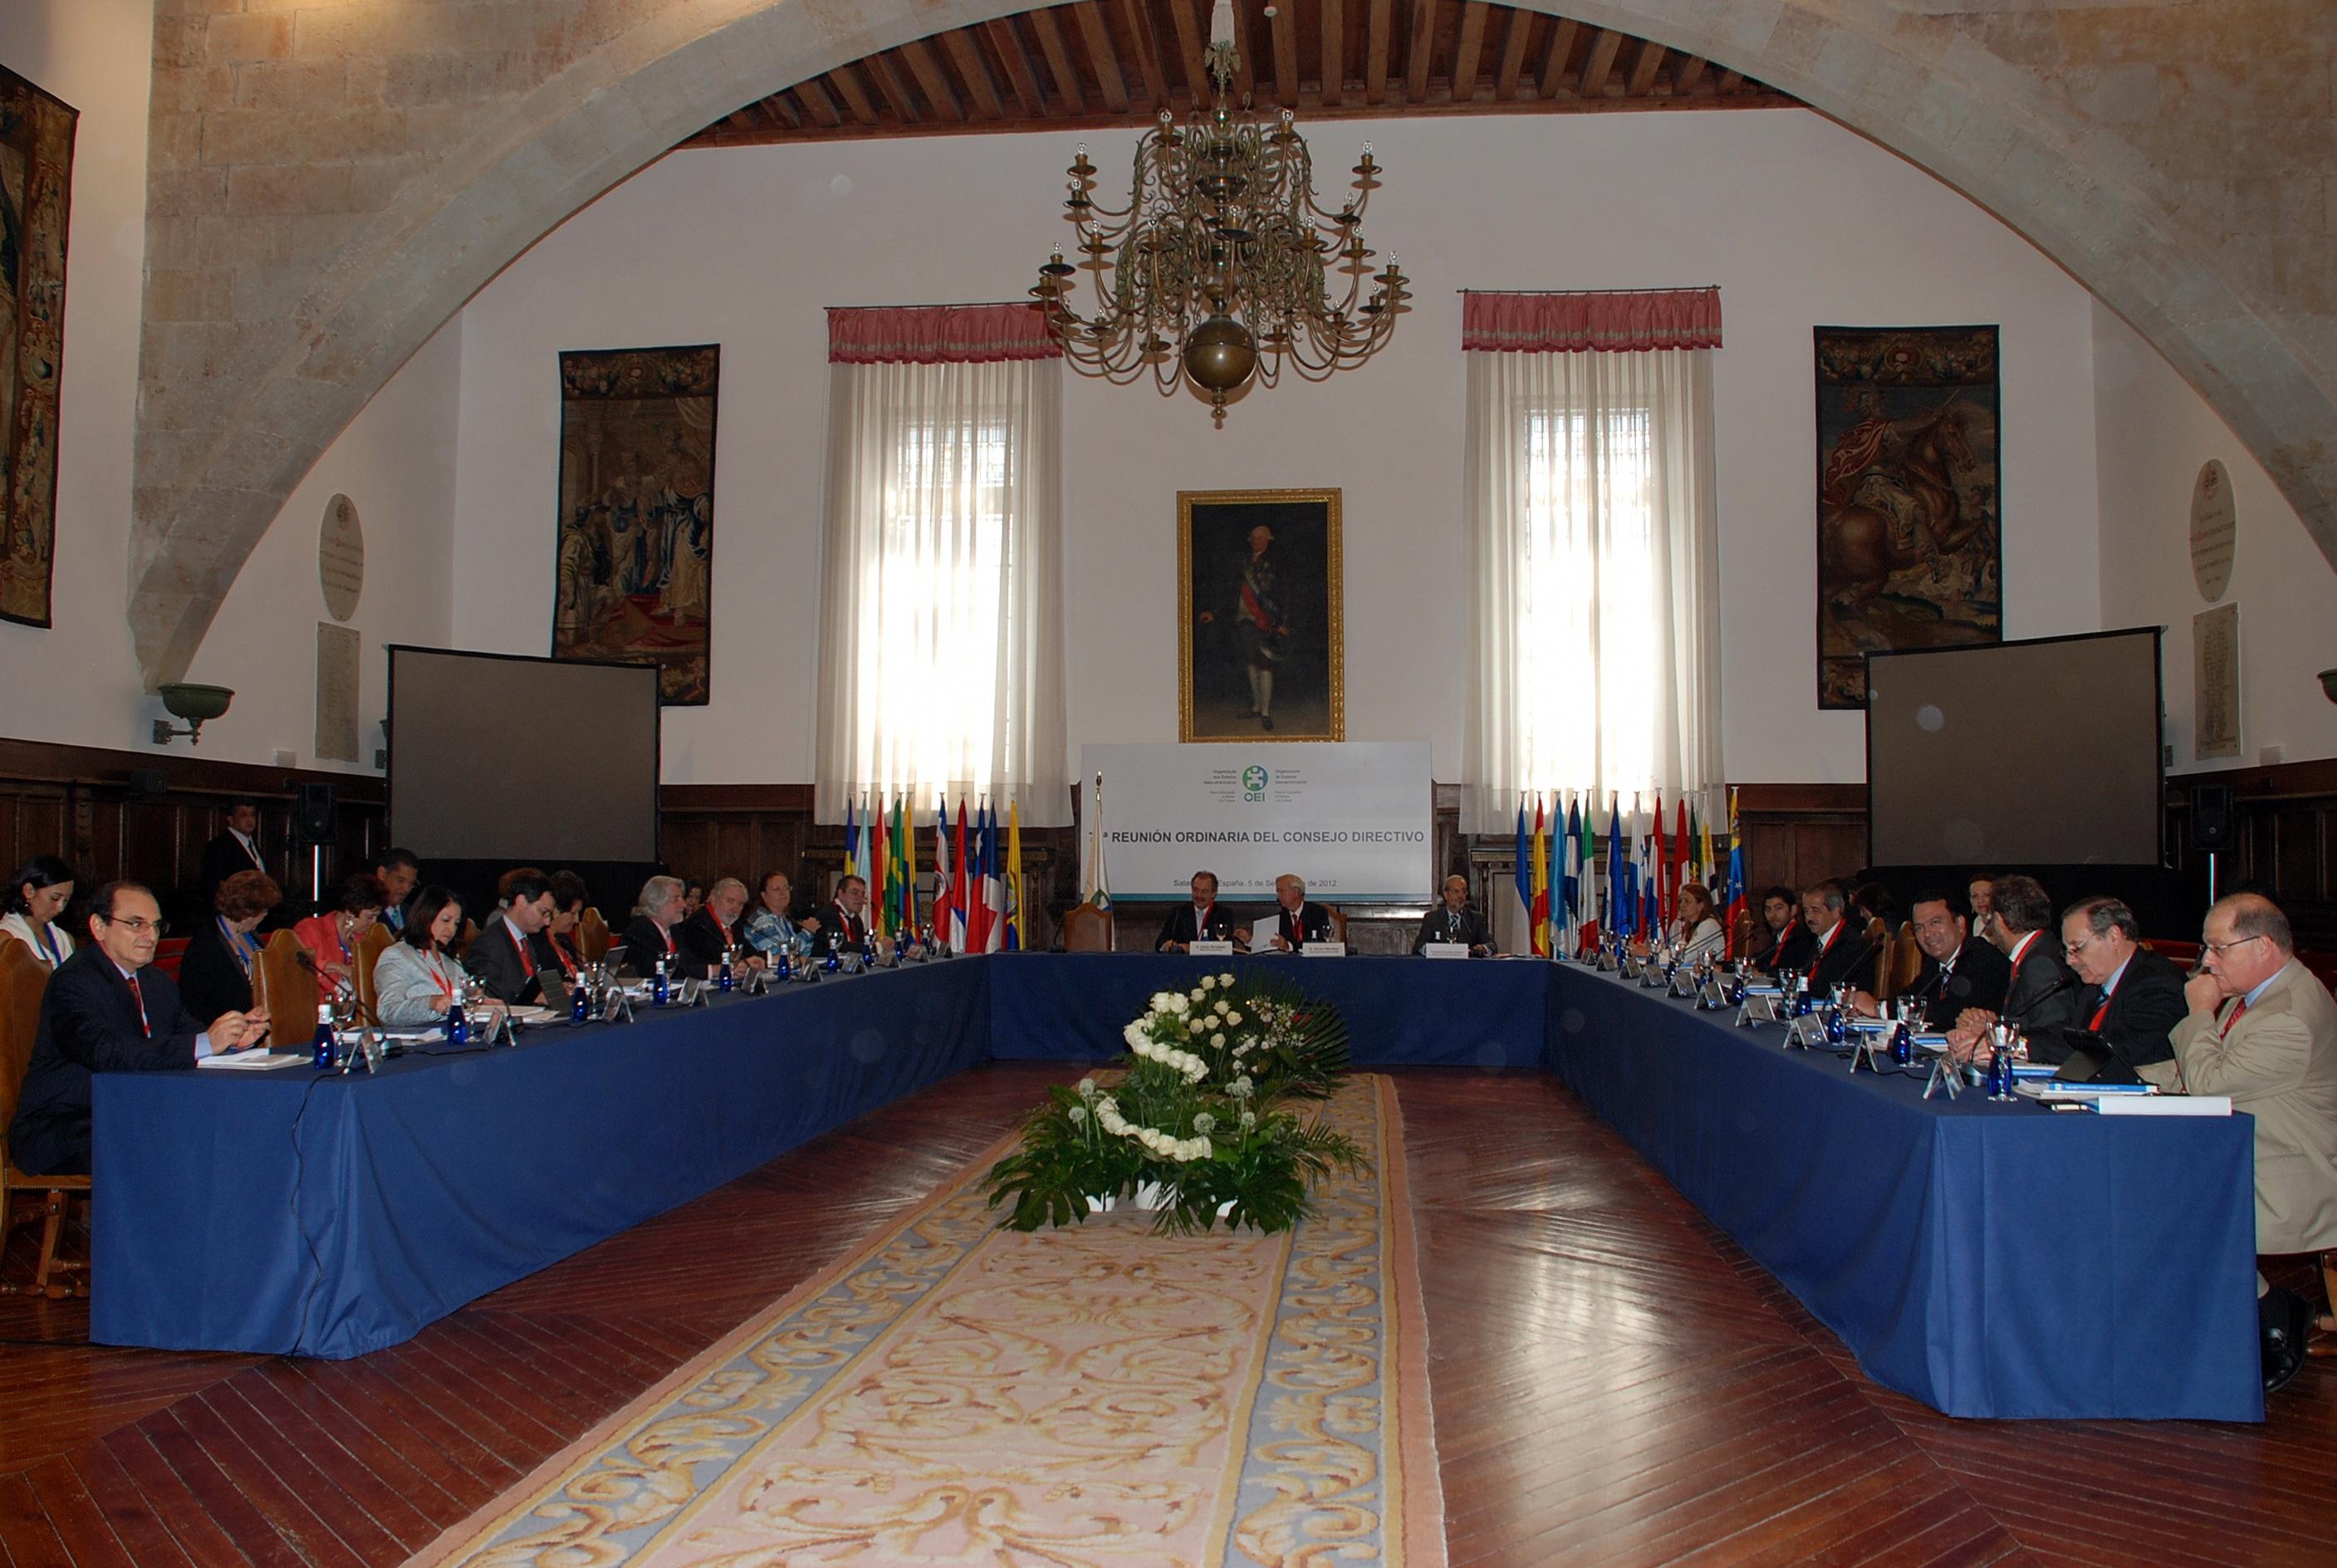 El rector da la bienvenida a los miembros del Consejo Directivo de la Organización de Estados Iberoamericanos para la Educación, la Ciencia y la Cultura